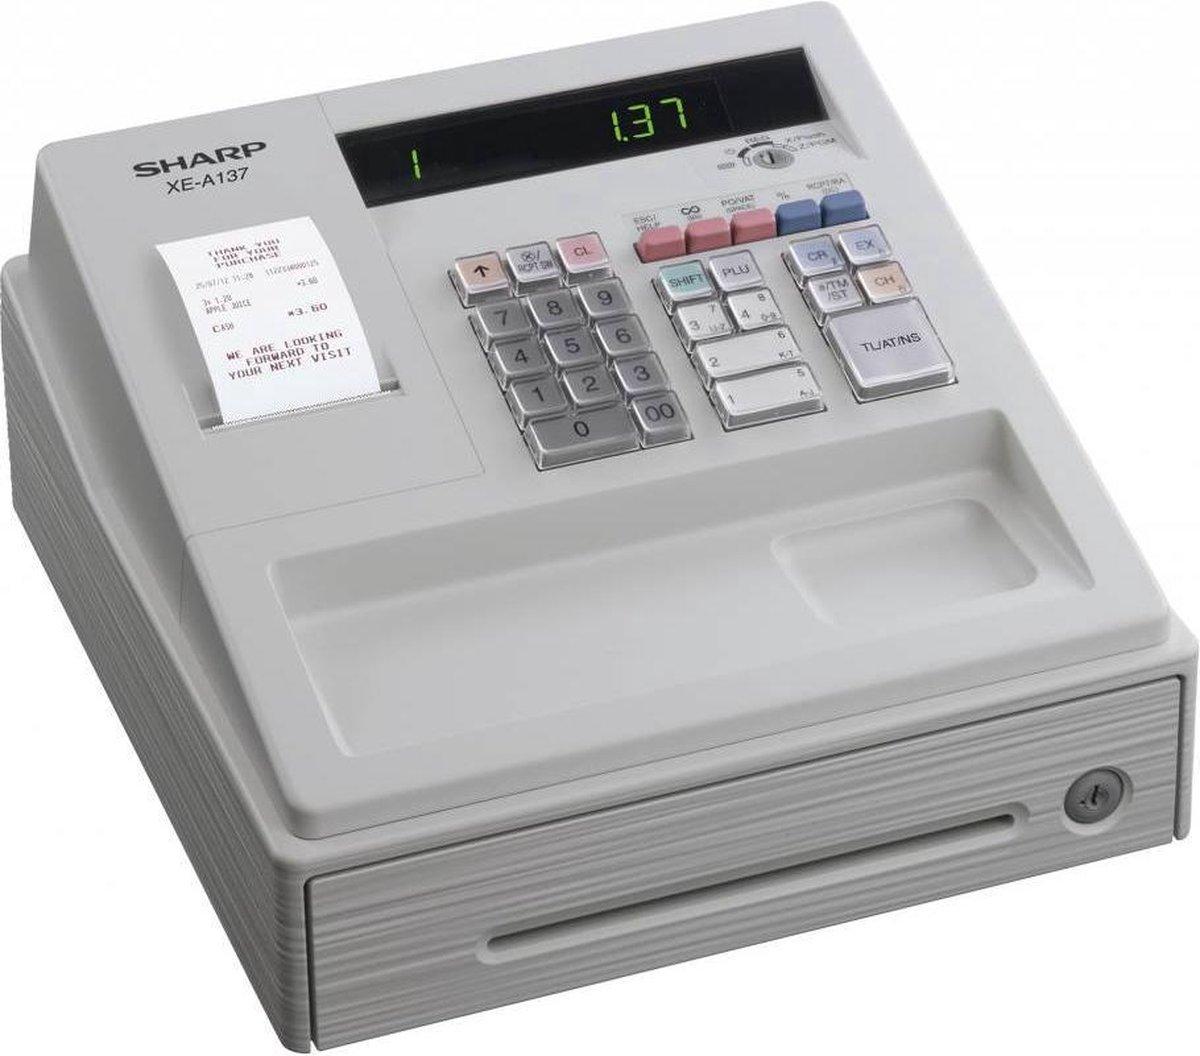 Winkel kassa en horeca kassa - Sharp XE-A137WH - compact en eenvoudig - wit - 1 stuk